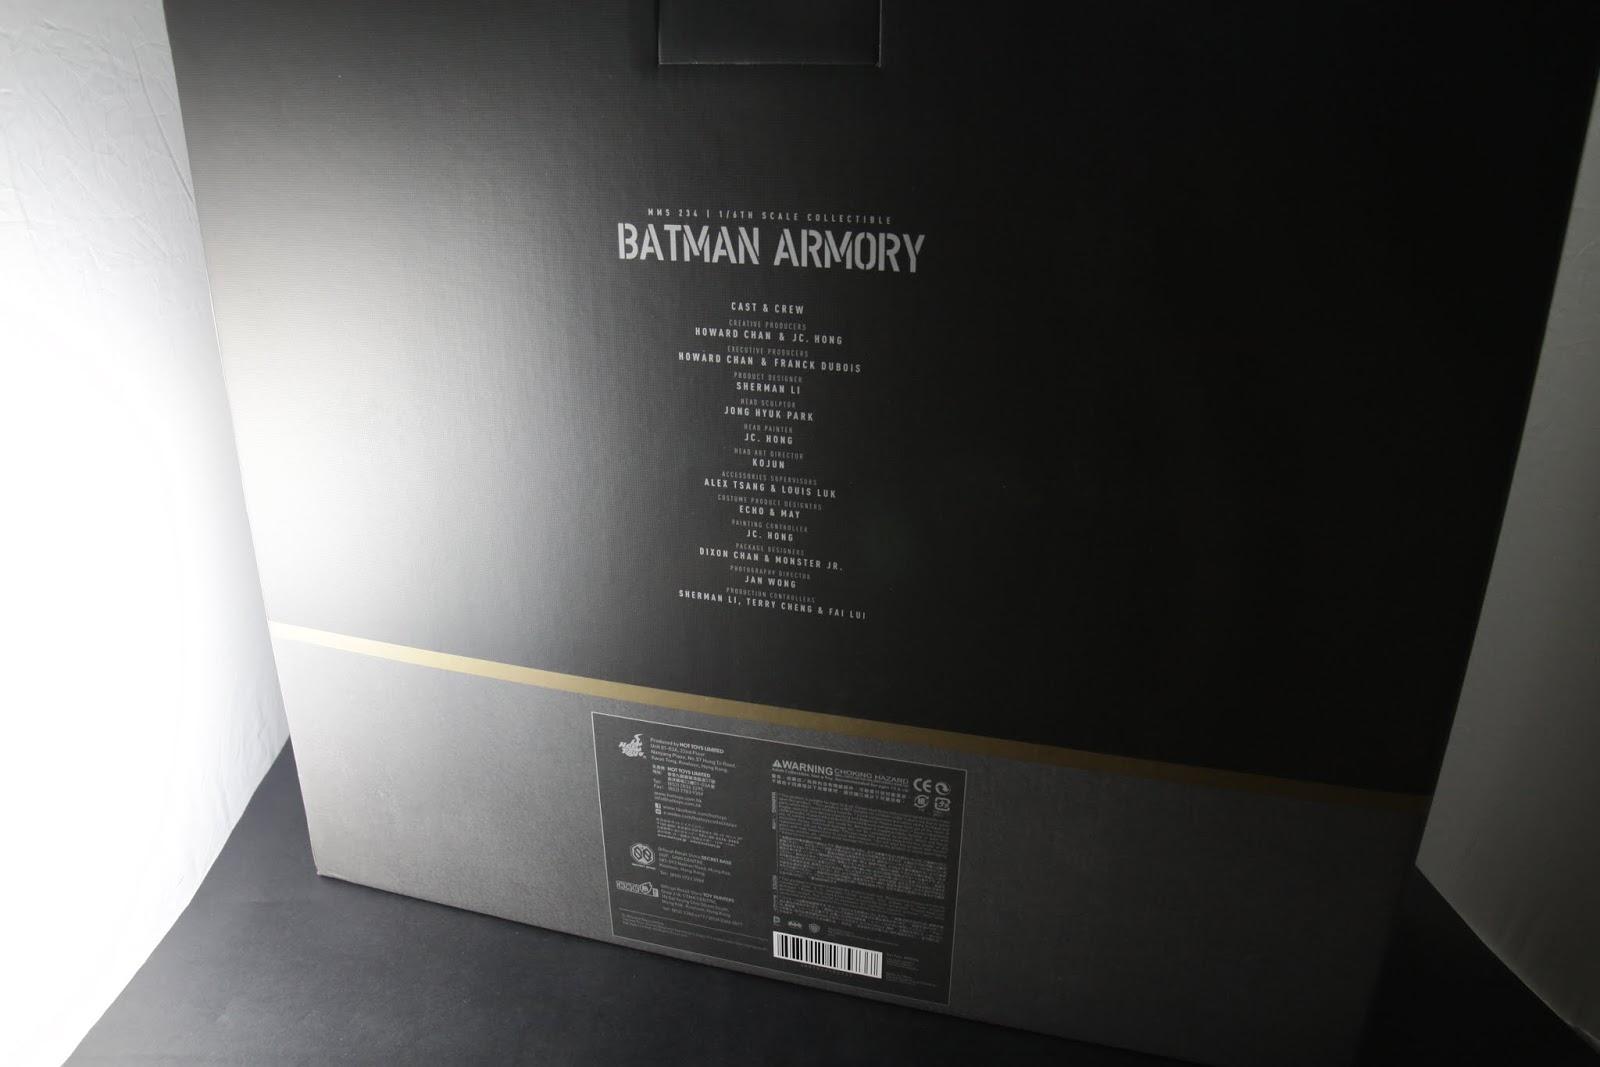 盒子背面有參與製作之人員列表, 箱子本身質感不錯